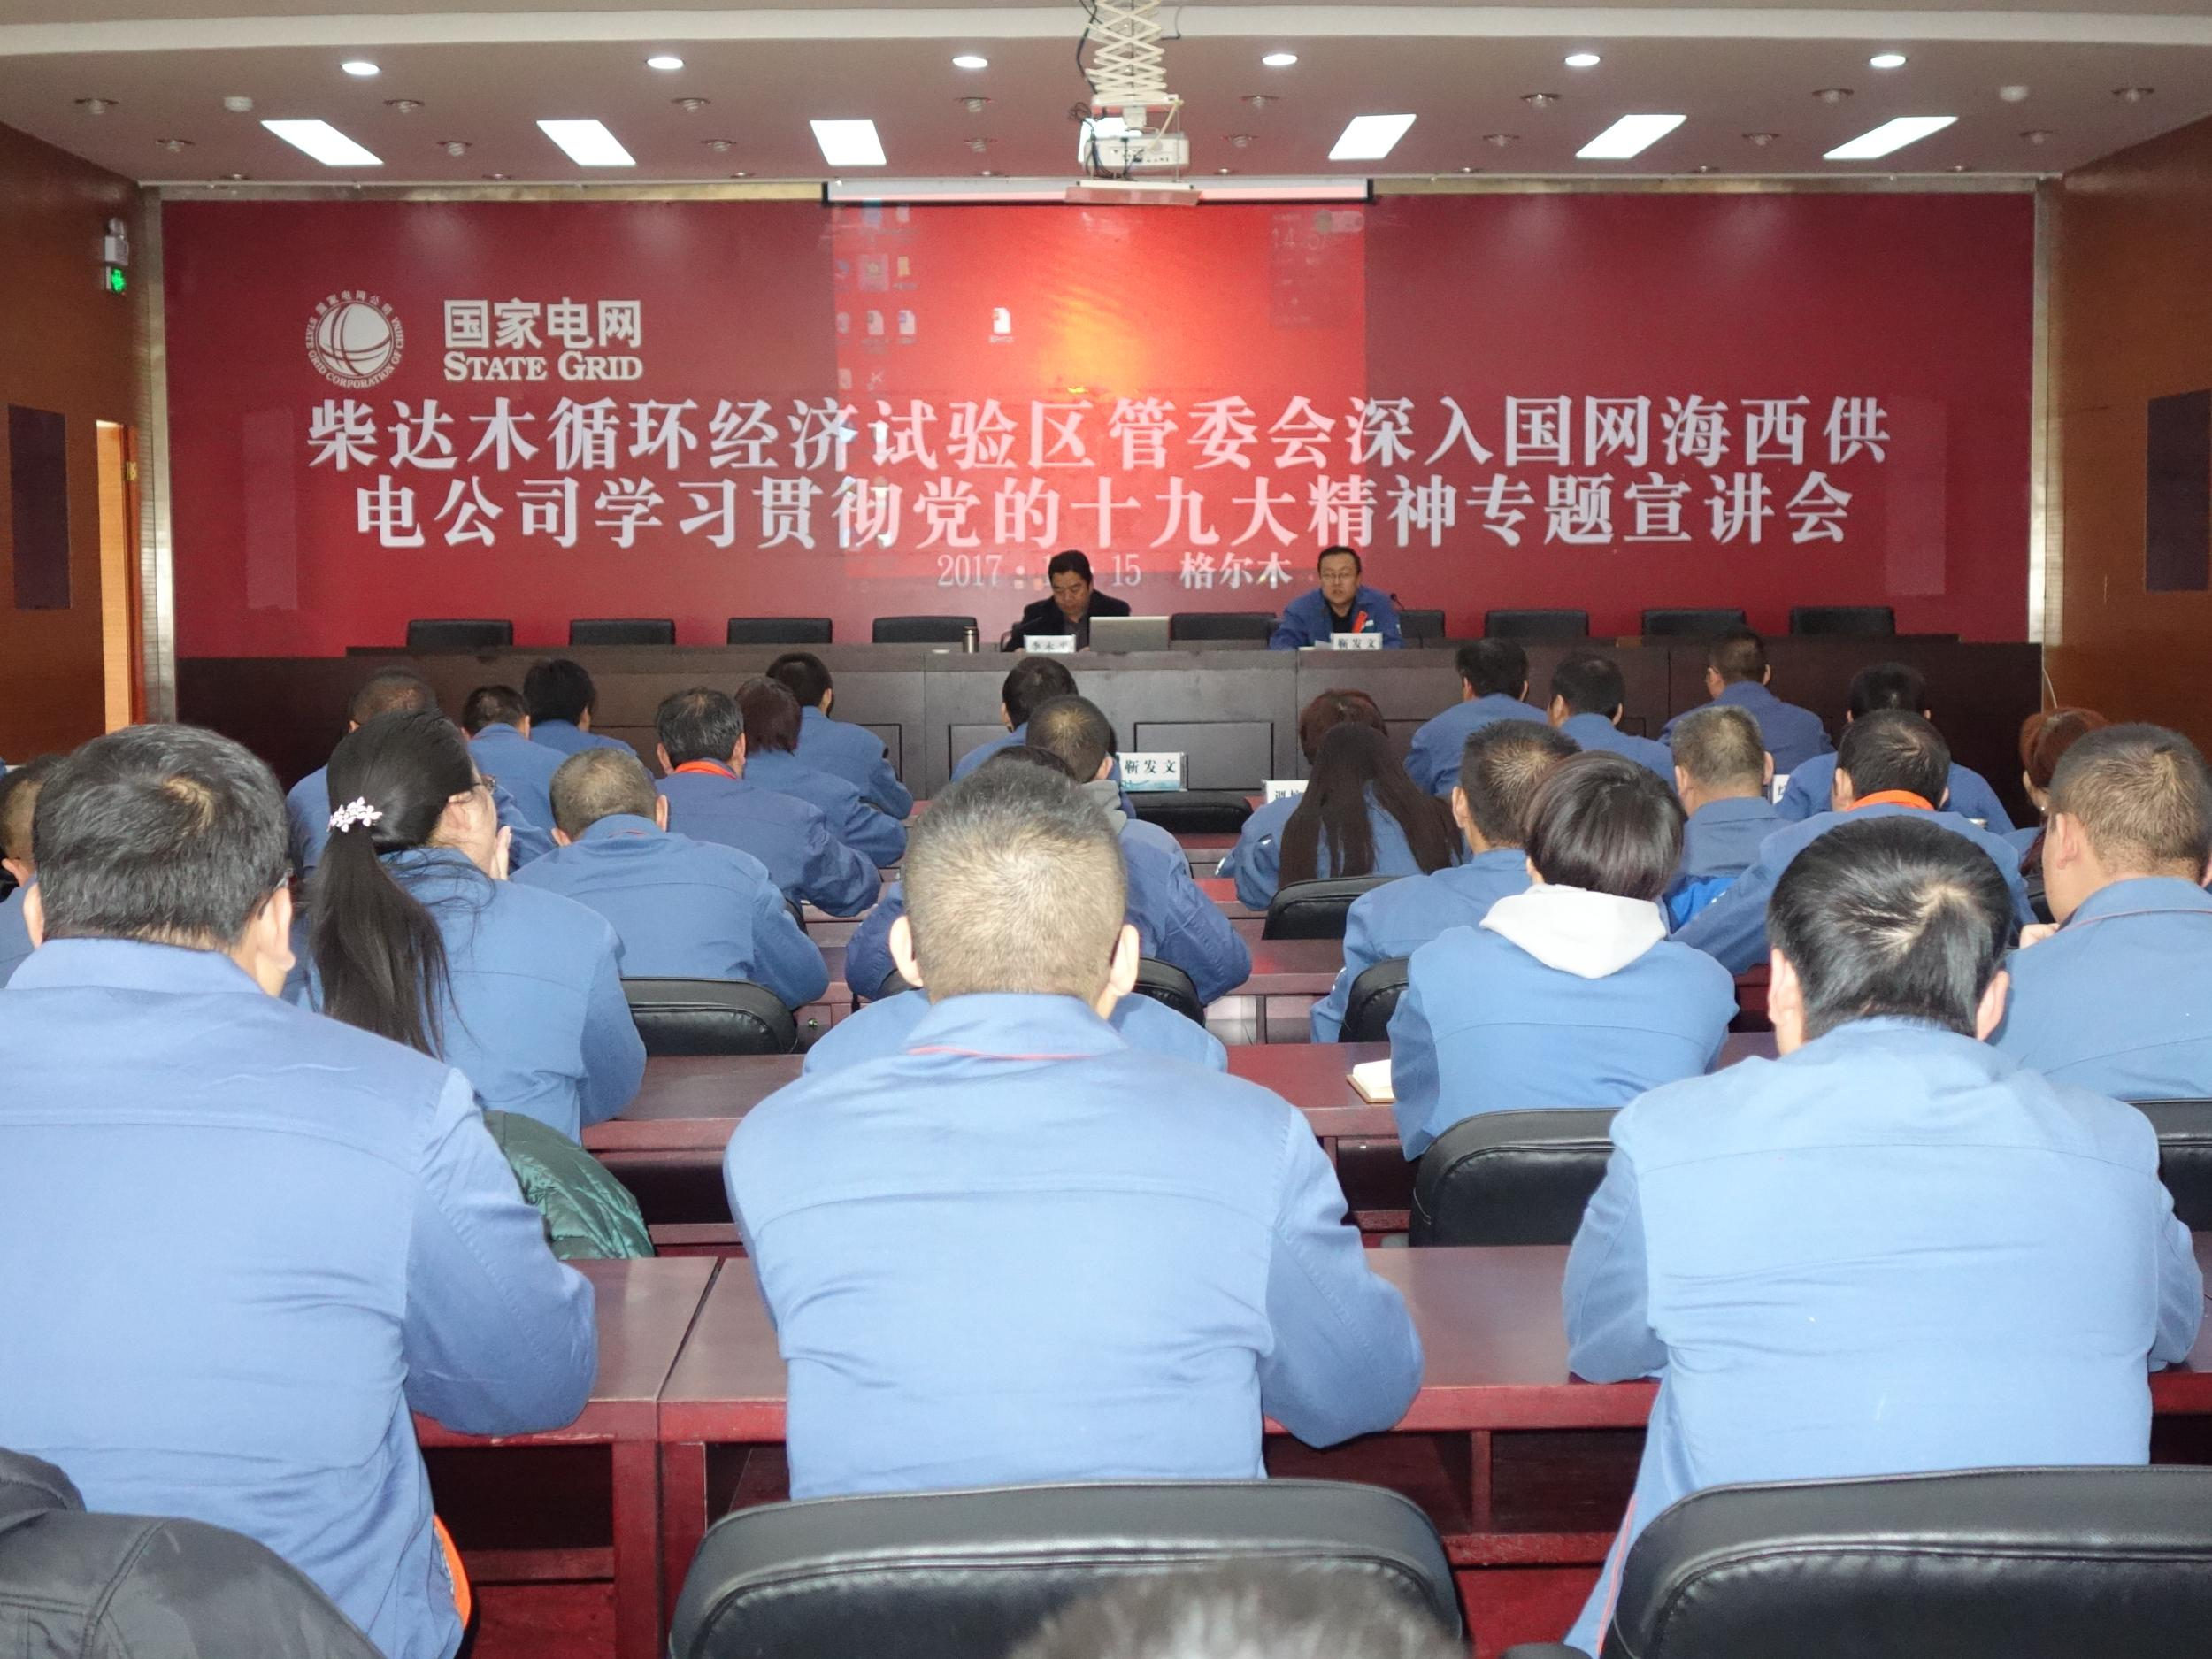 李永平同志深入国网海西供电公司宣讲党的十九大精神